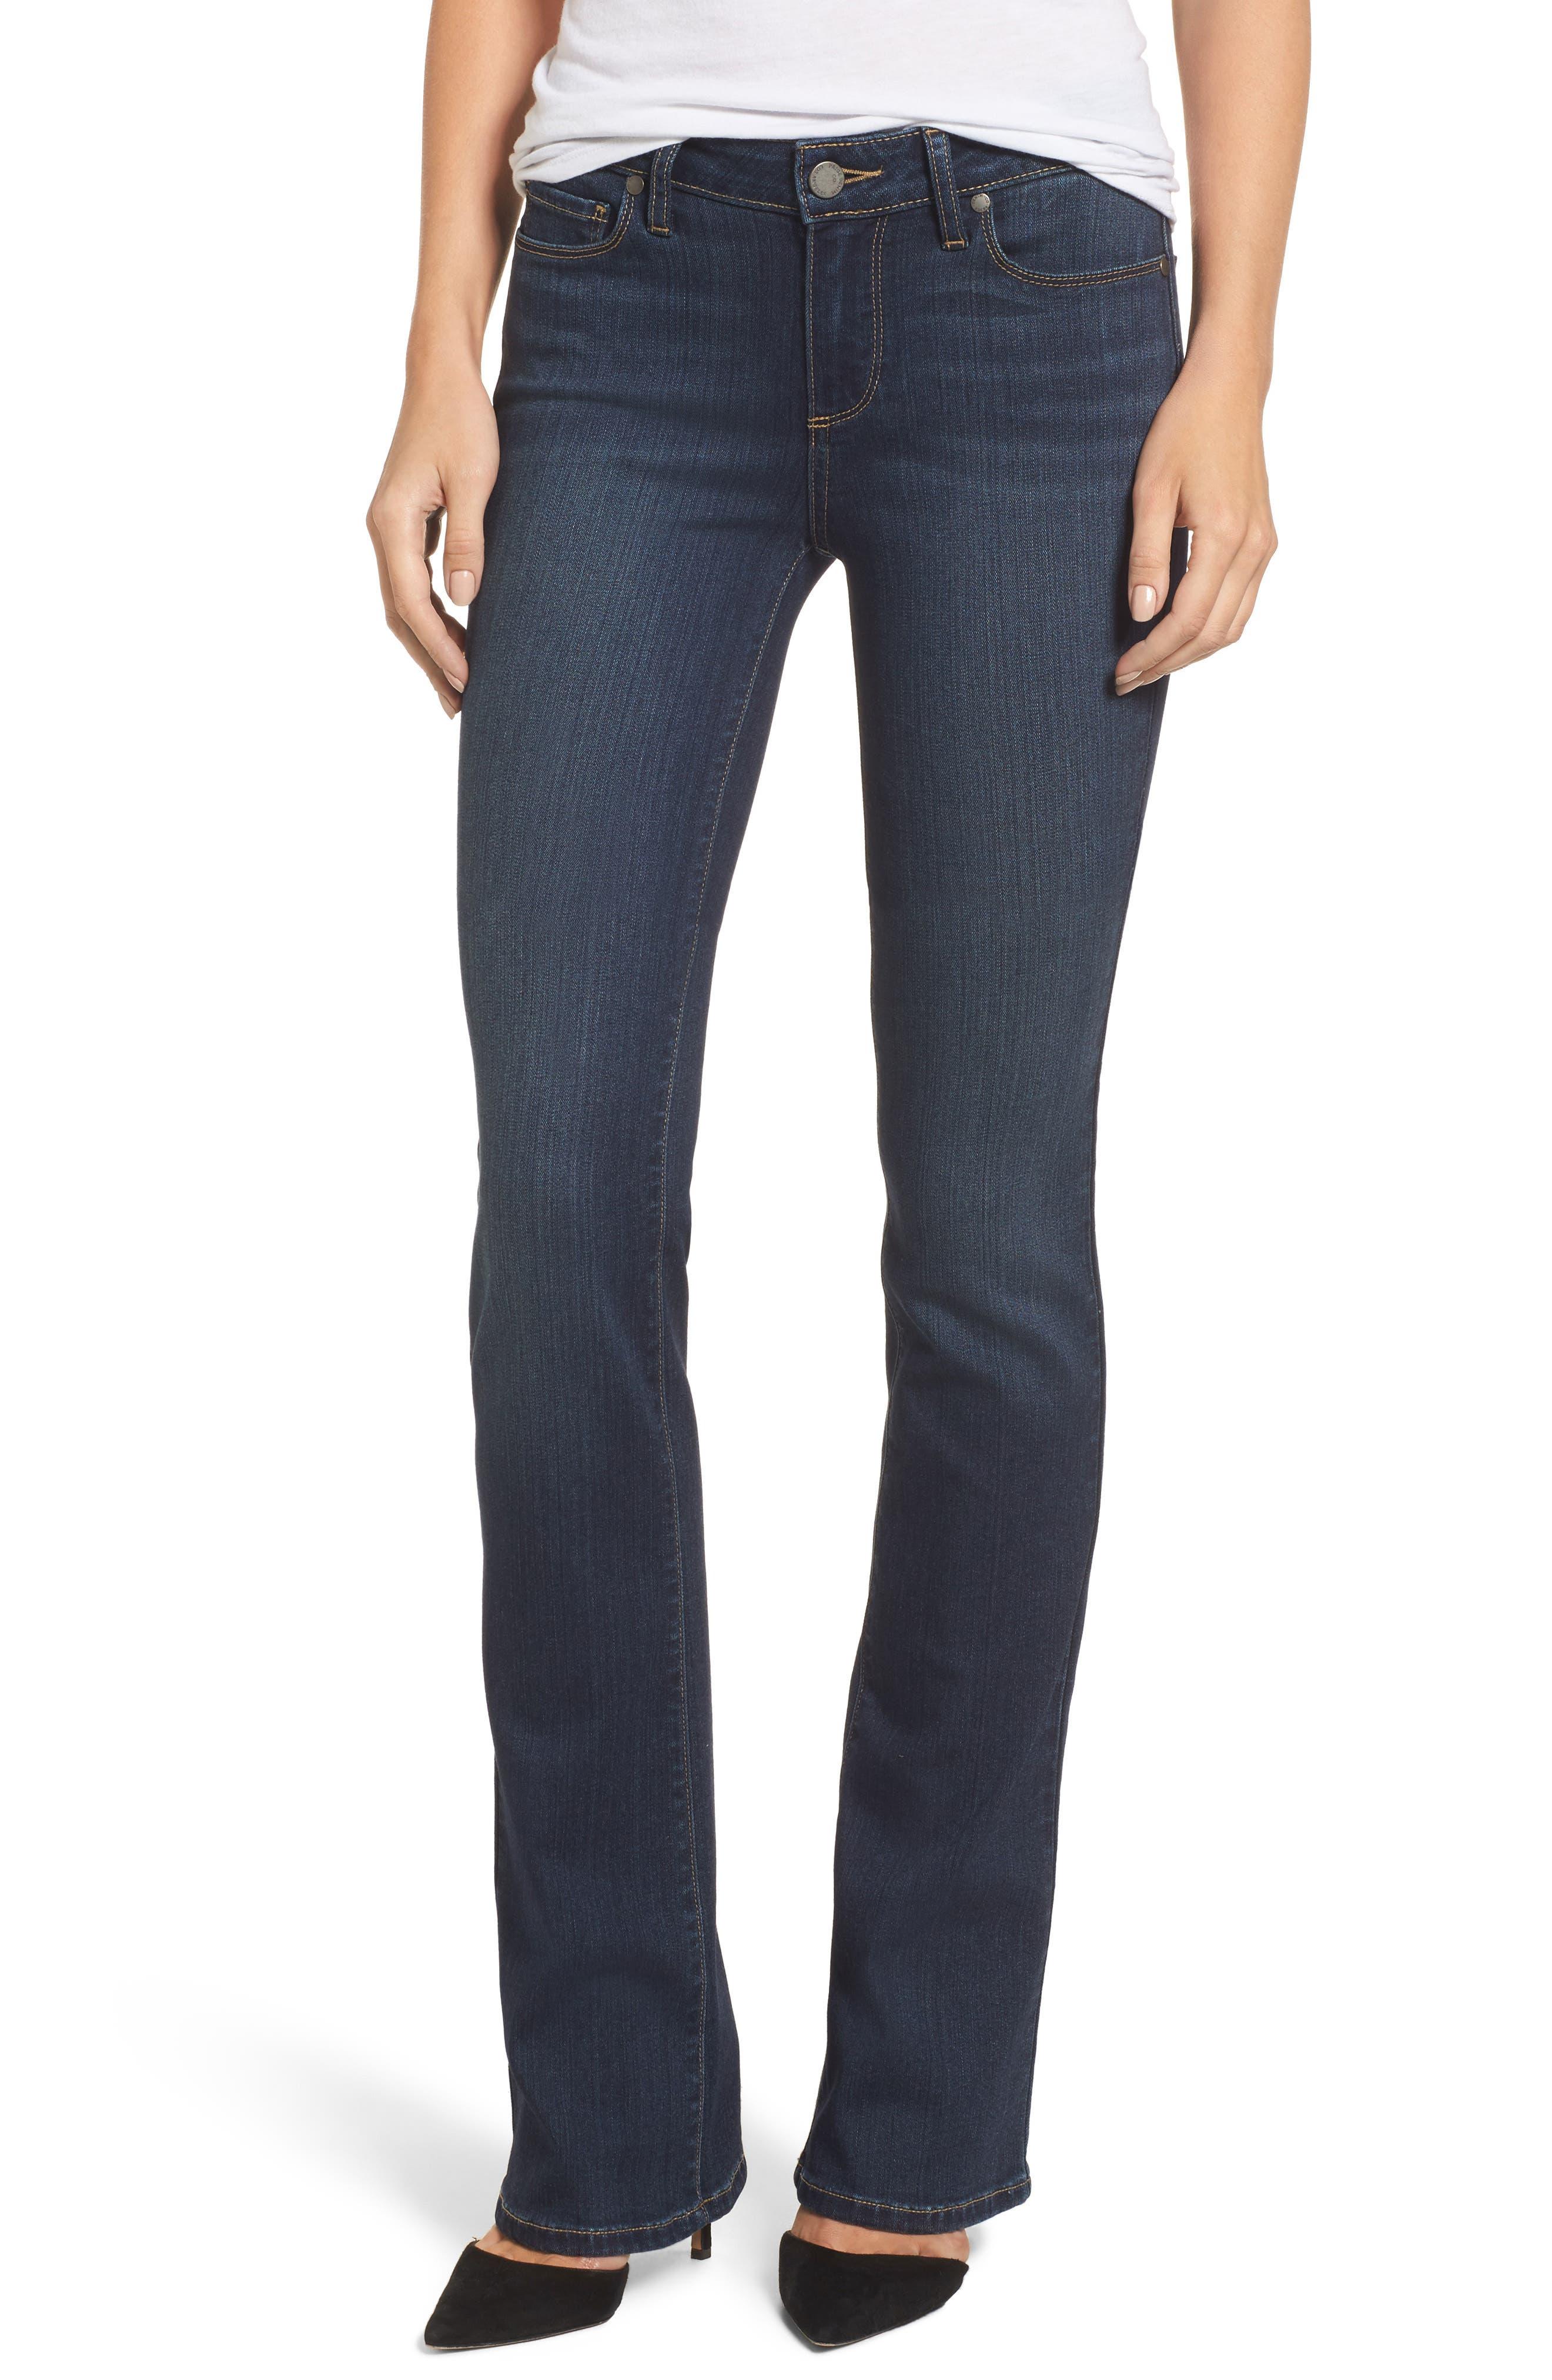 PAIGE Transcend - Manhattan Bootcut Jeans, Main, color, NOTTINGHAM